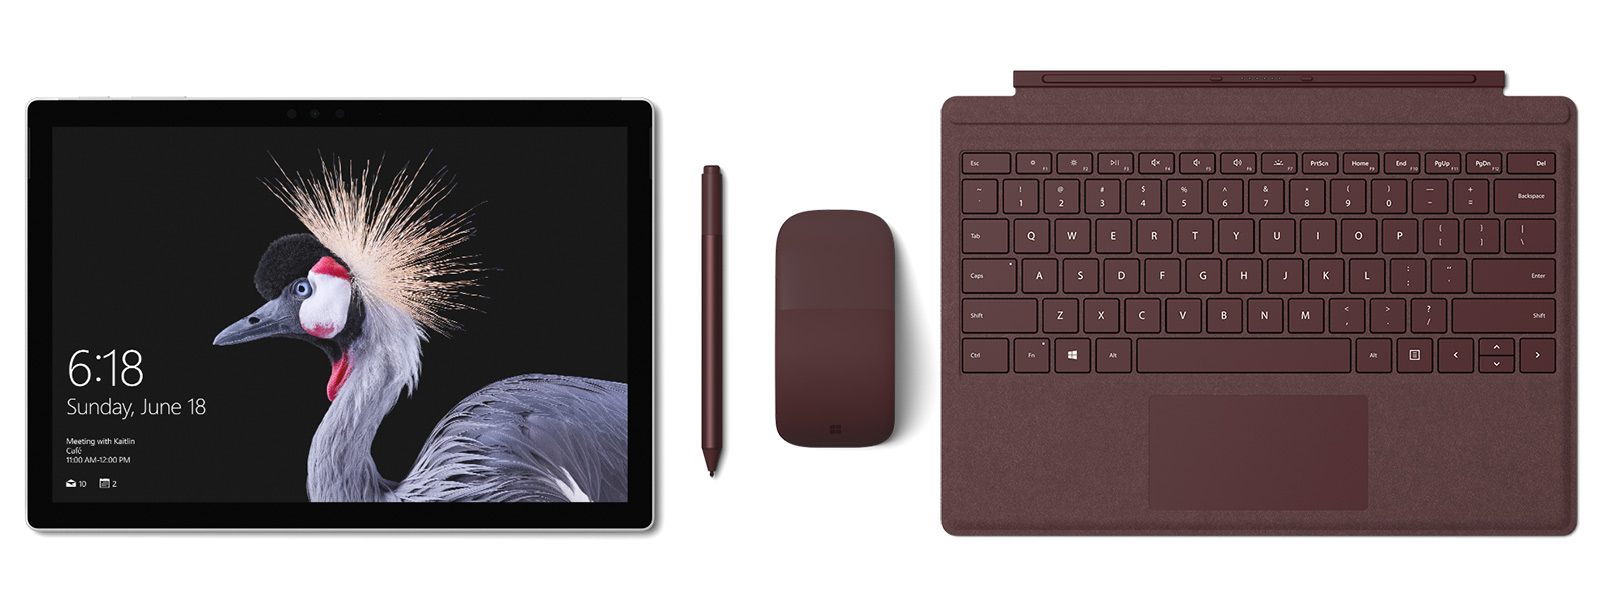 버건디색 Surface Pro 시그니처 타이핑 커버, Surface 펜 및 Surface Arc 마우스와 함께 있는 Surface Pro 이미지 Surface 펜 포함.